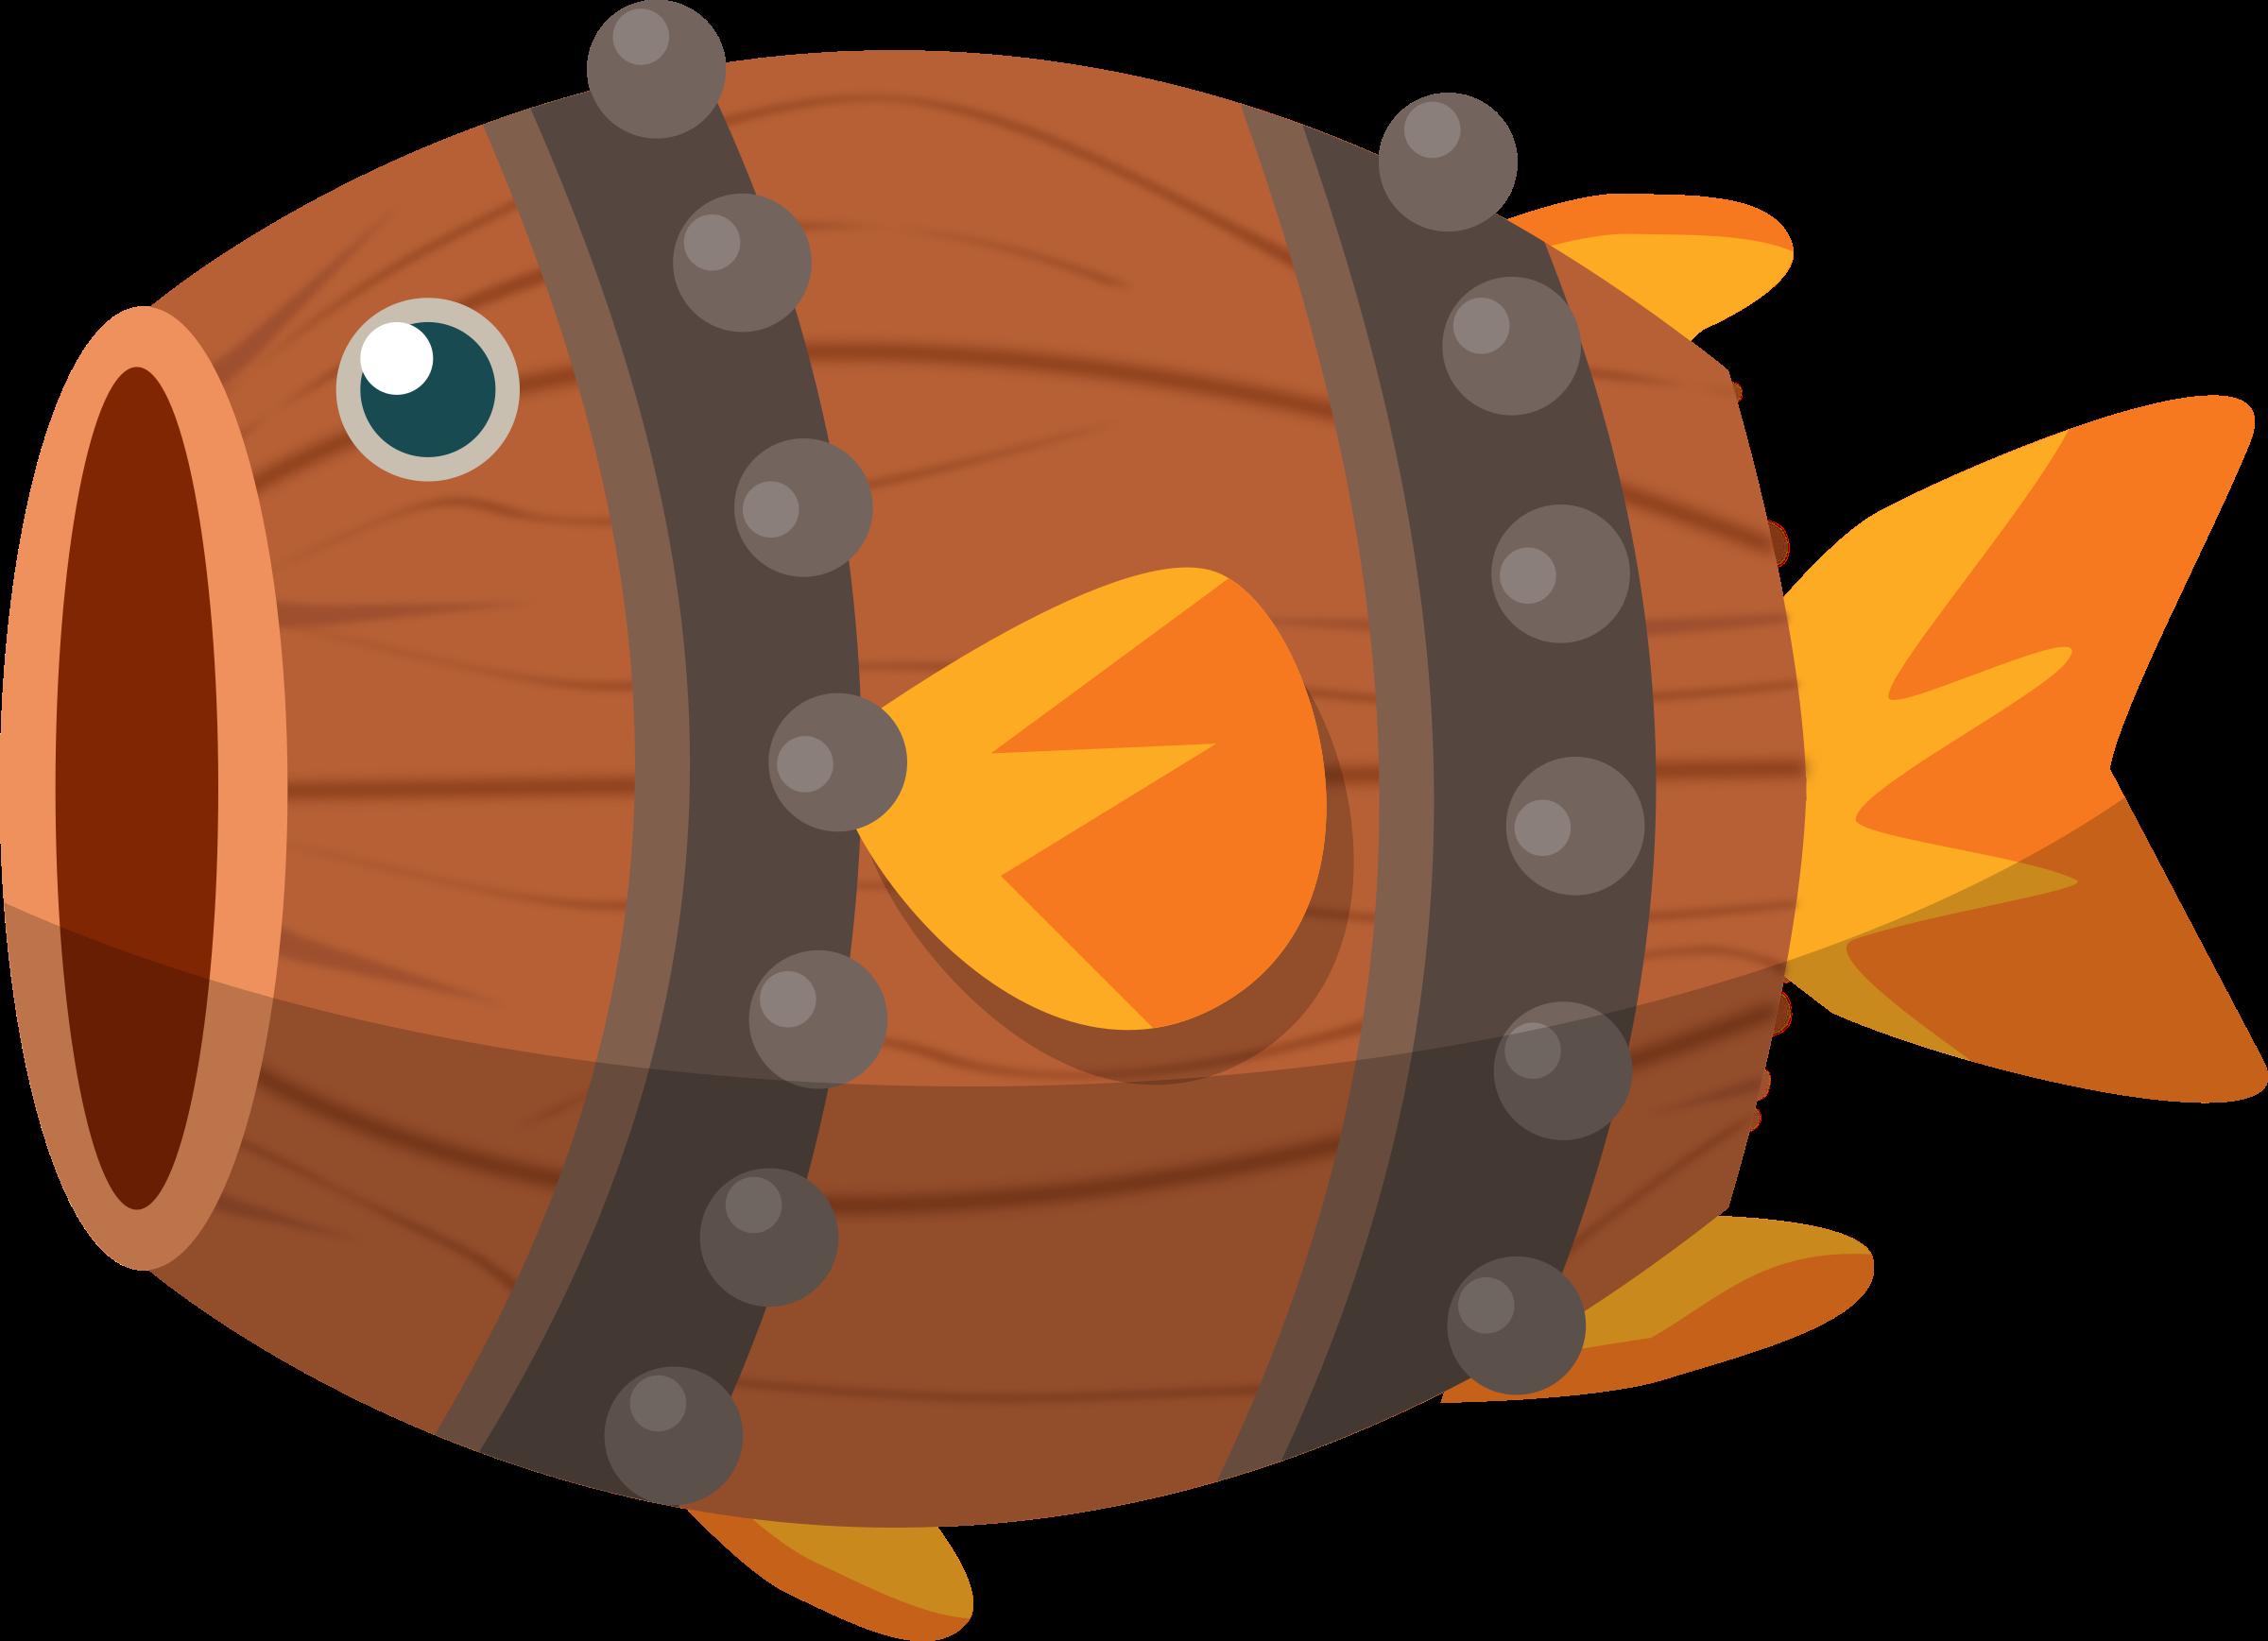 Clipart fish talk. Barrel big image png